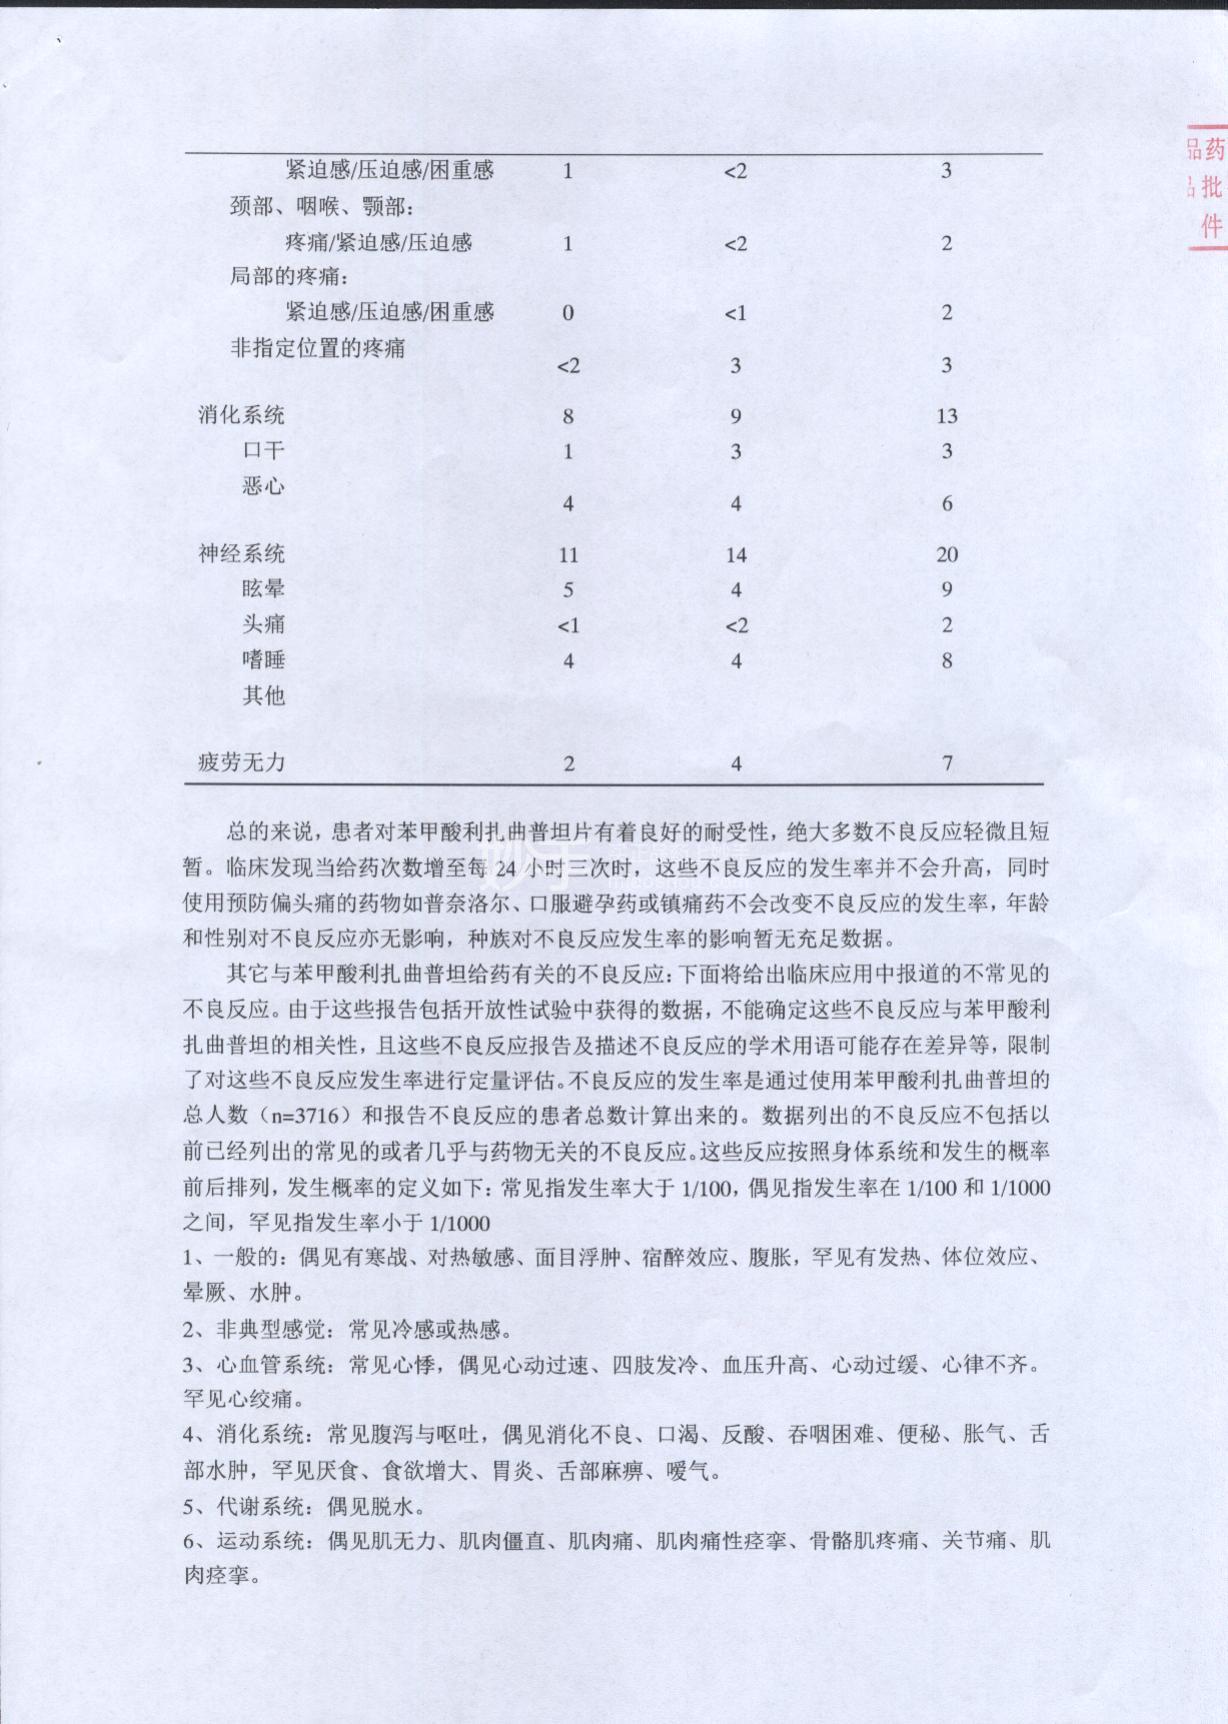 苯甲酸利扎曲普坦片